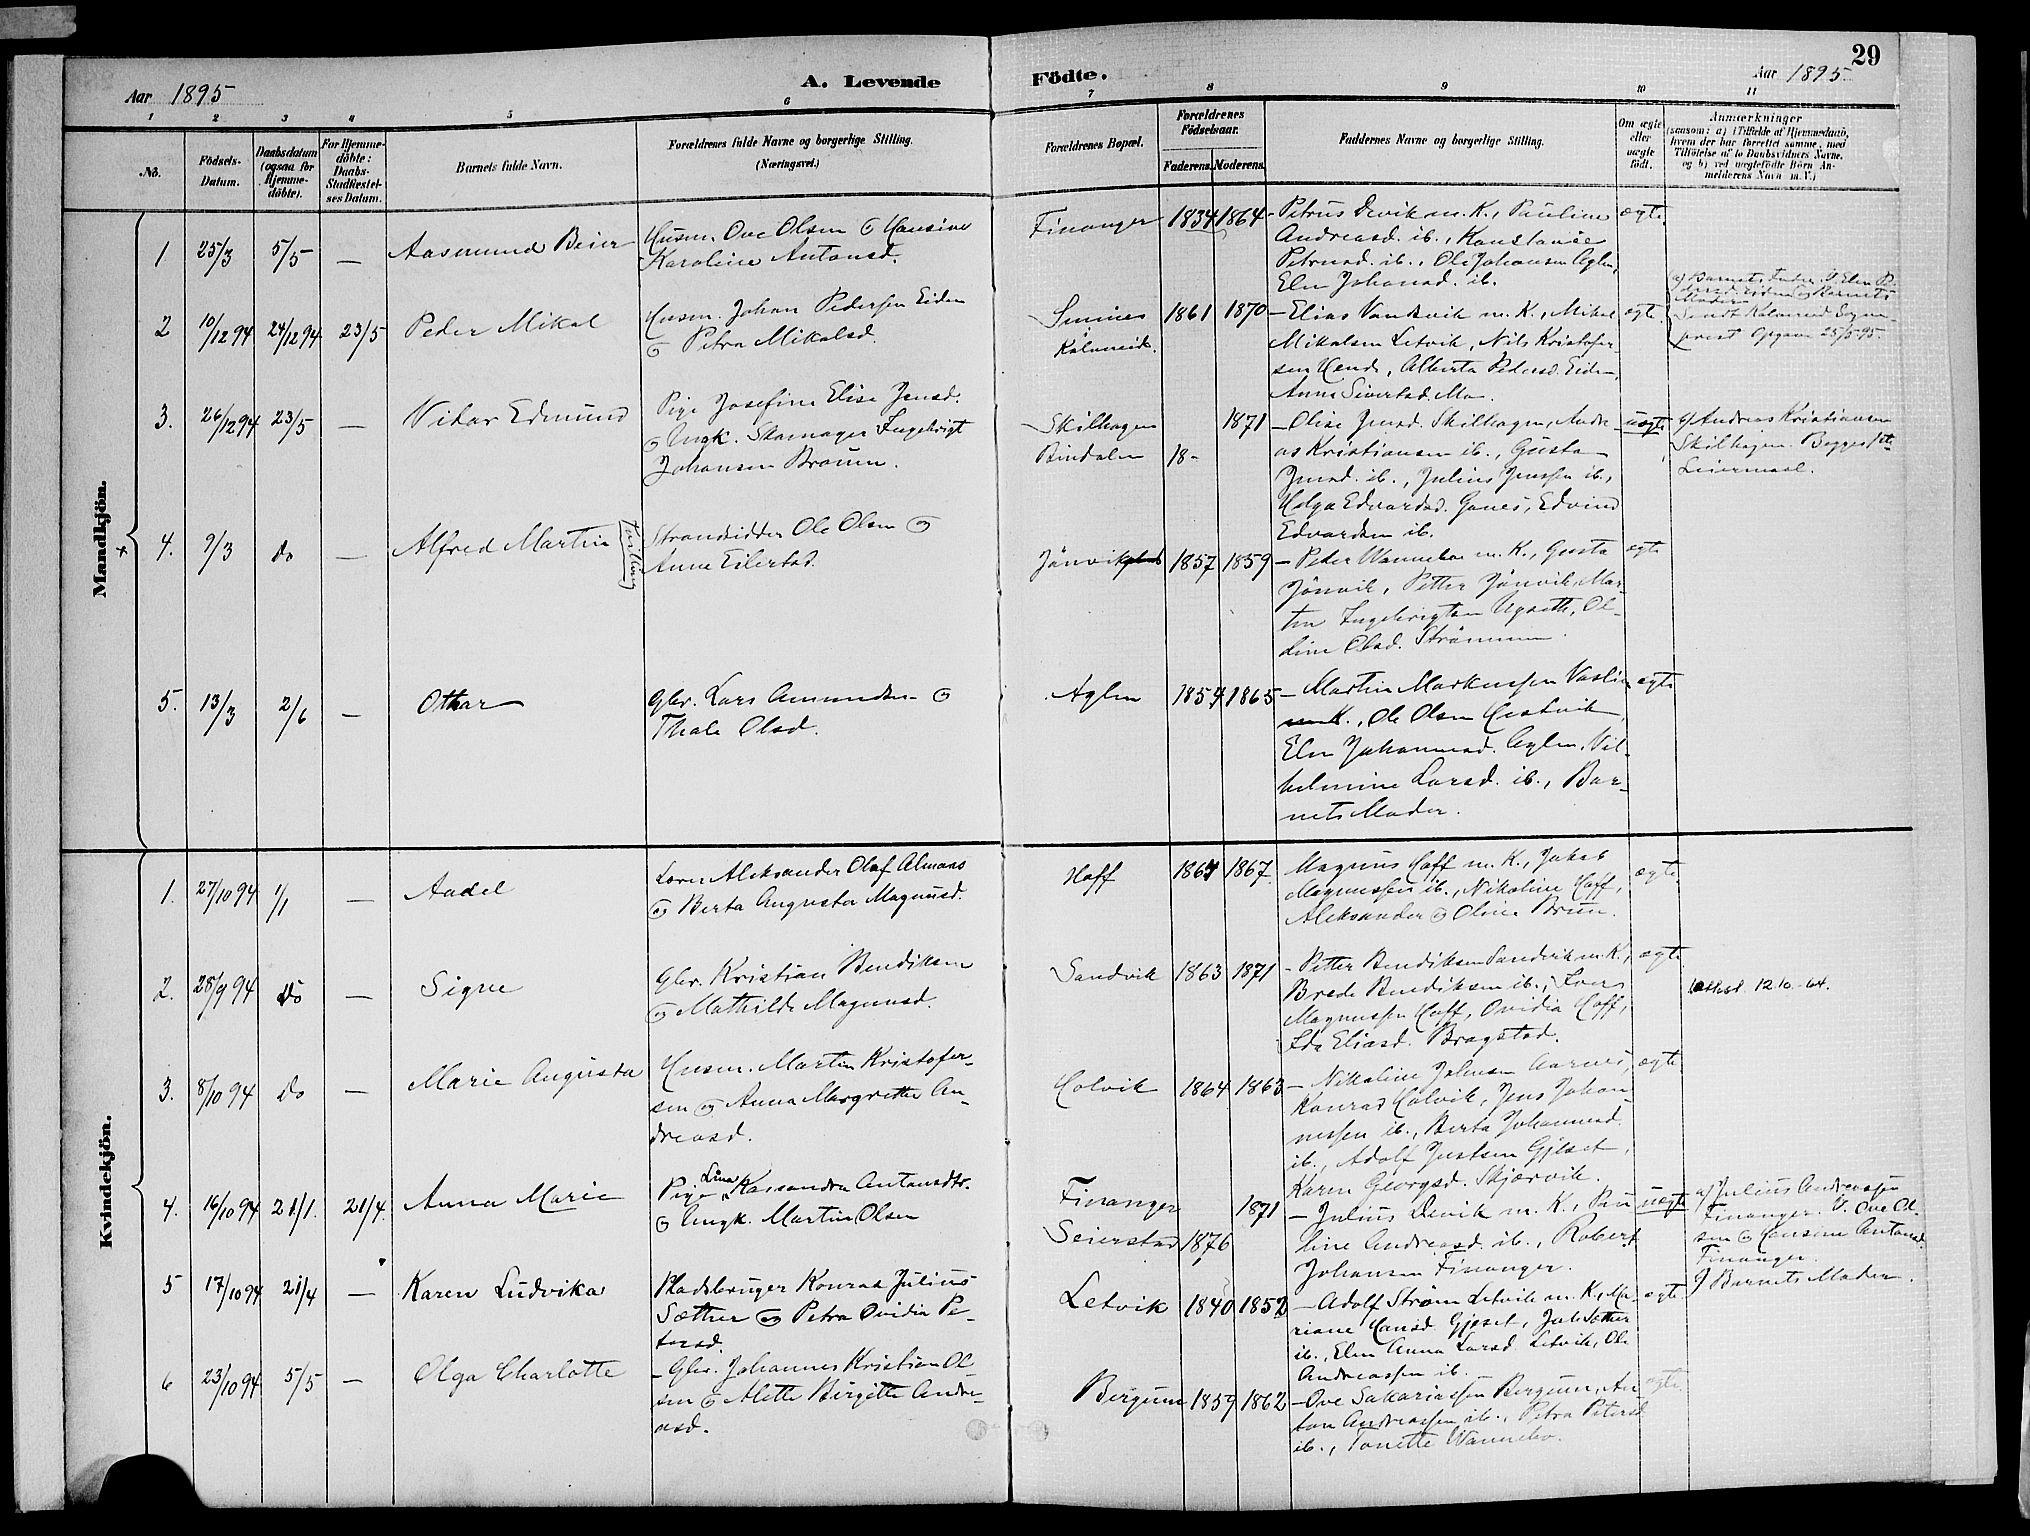 SAT, Ministerialprotokoller, klokkerbøker og fødselsregistre - Nord-Trøndelag, 773/L0617: Ministerialbok nr. 773A08, 1887-1910, s. 29